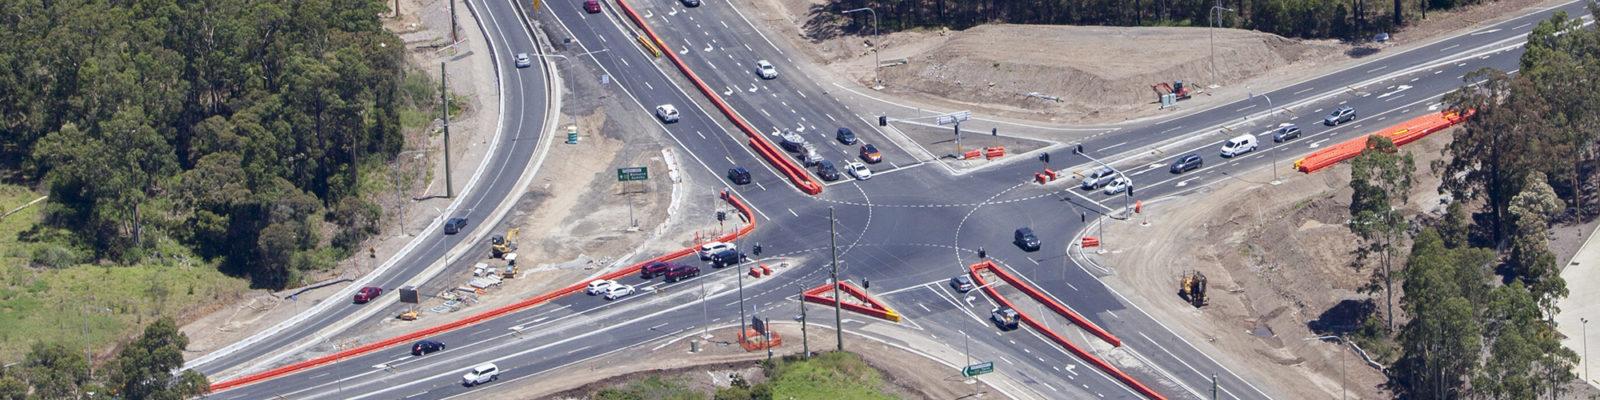 M1 Motorway Upgrade